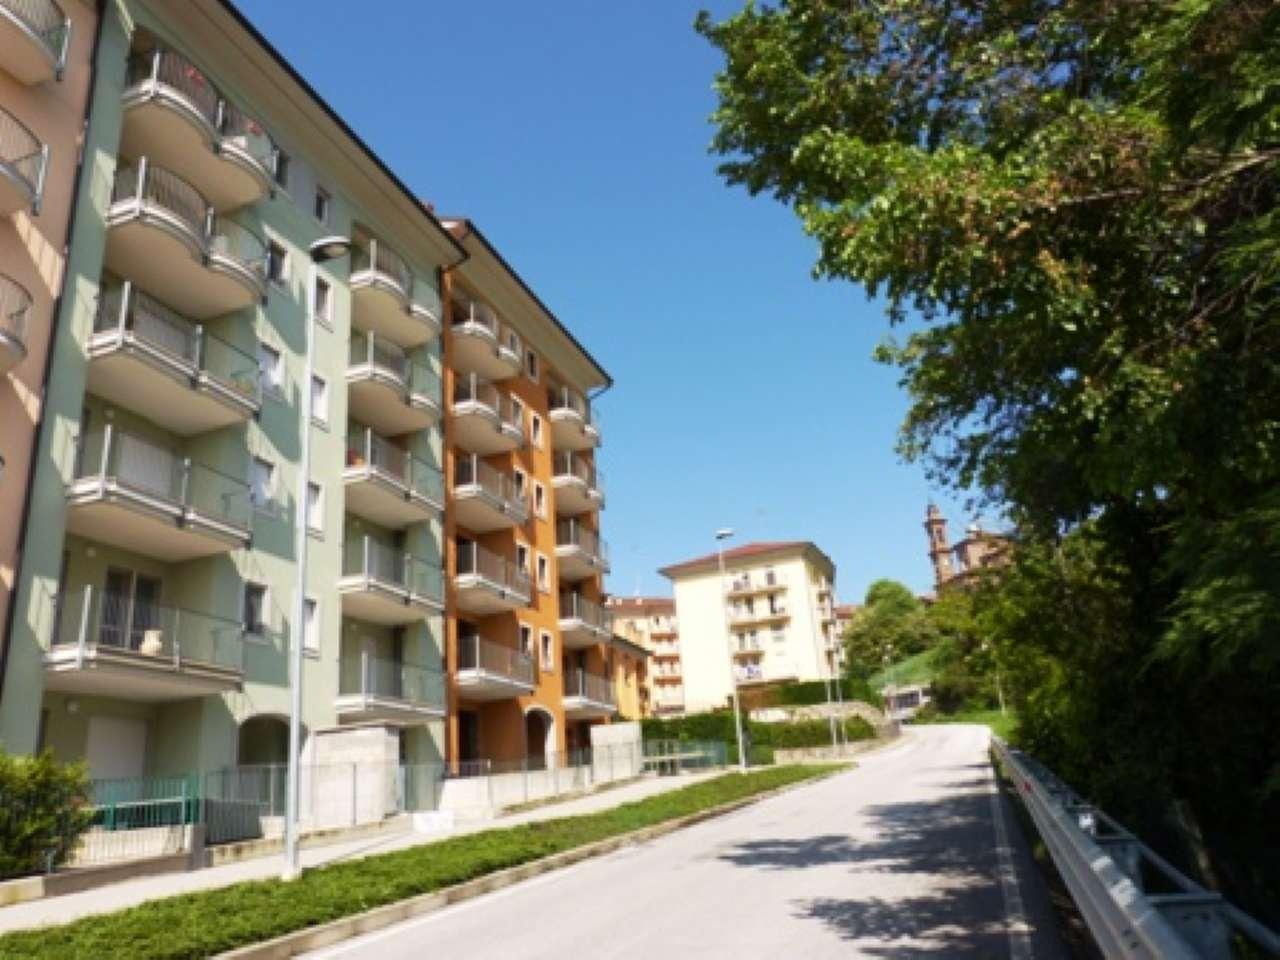 Appartamento in vendita a Fossano, 3 locali, prezzo € 95.000 | CambioCasa.it